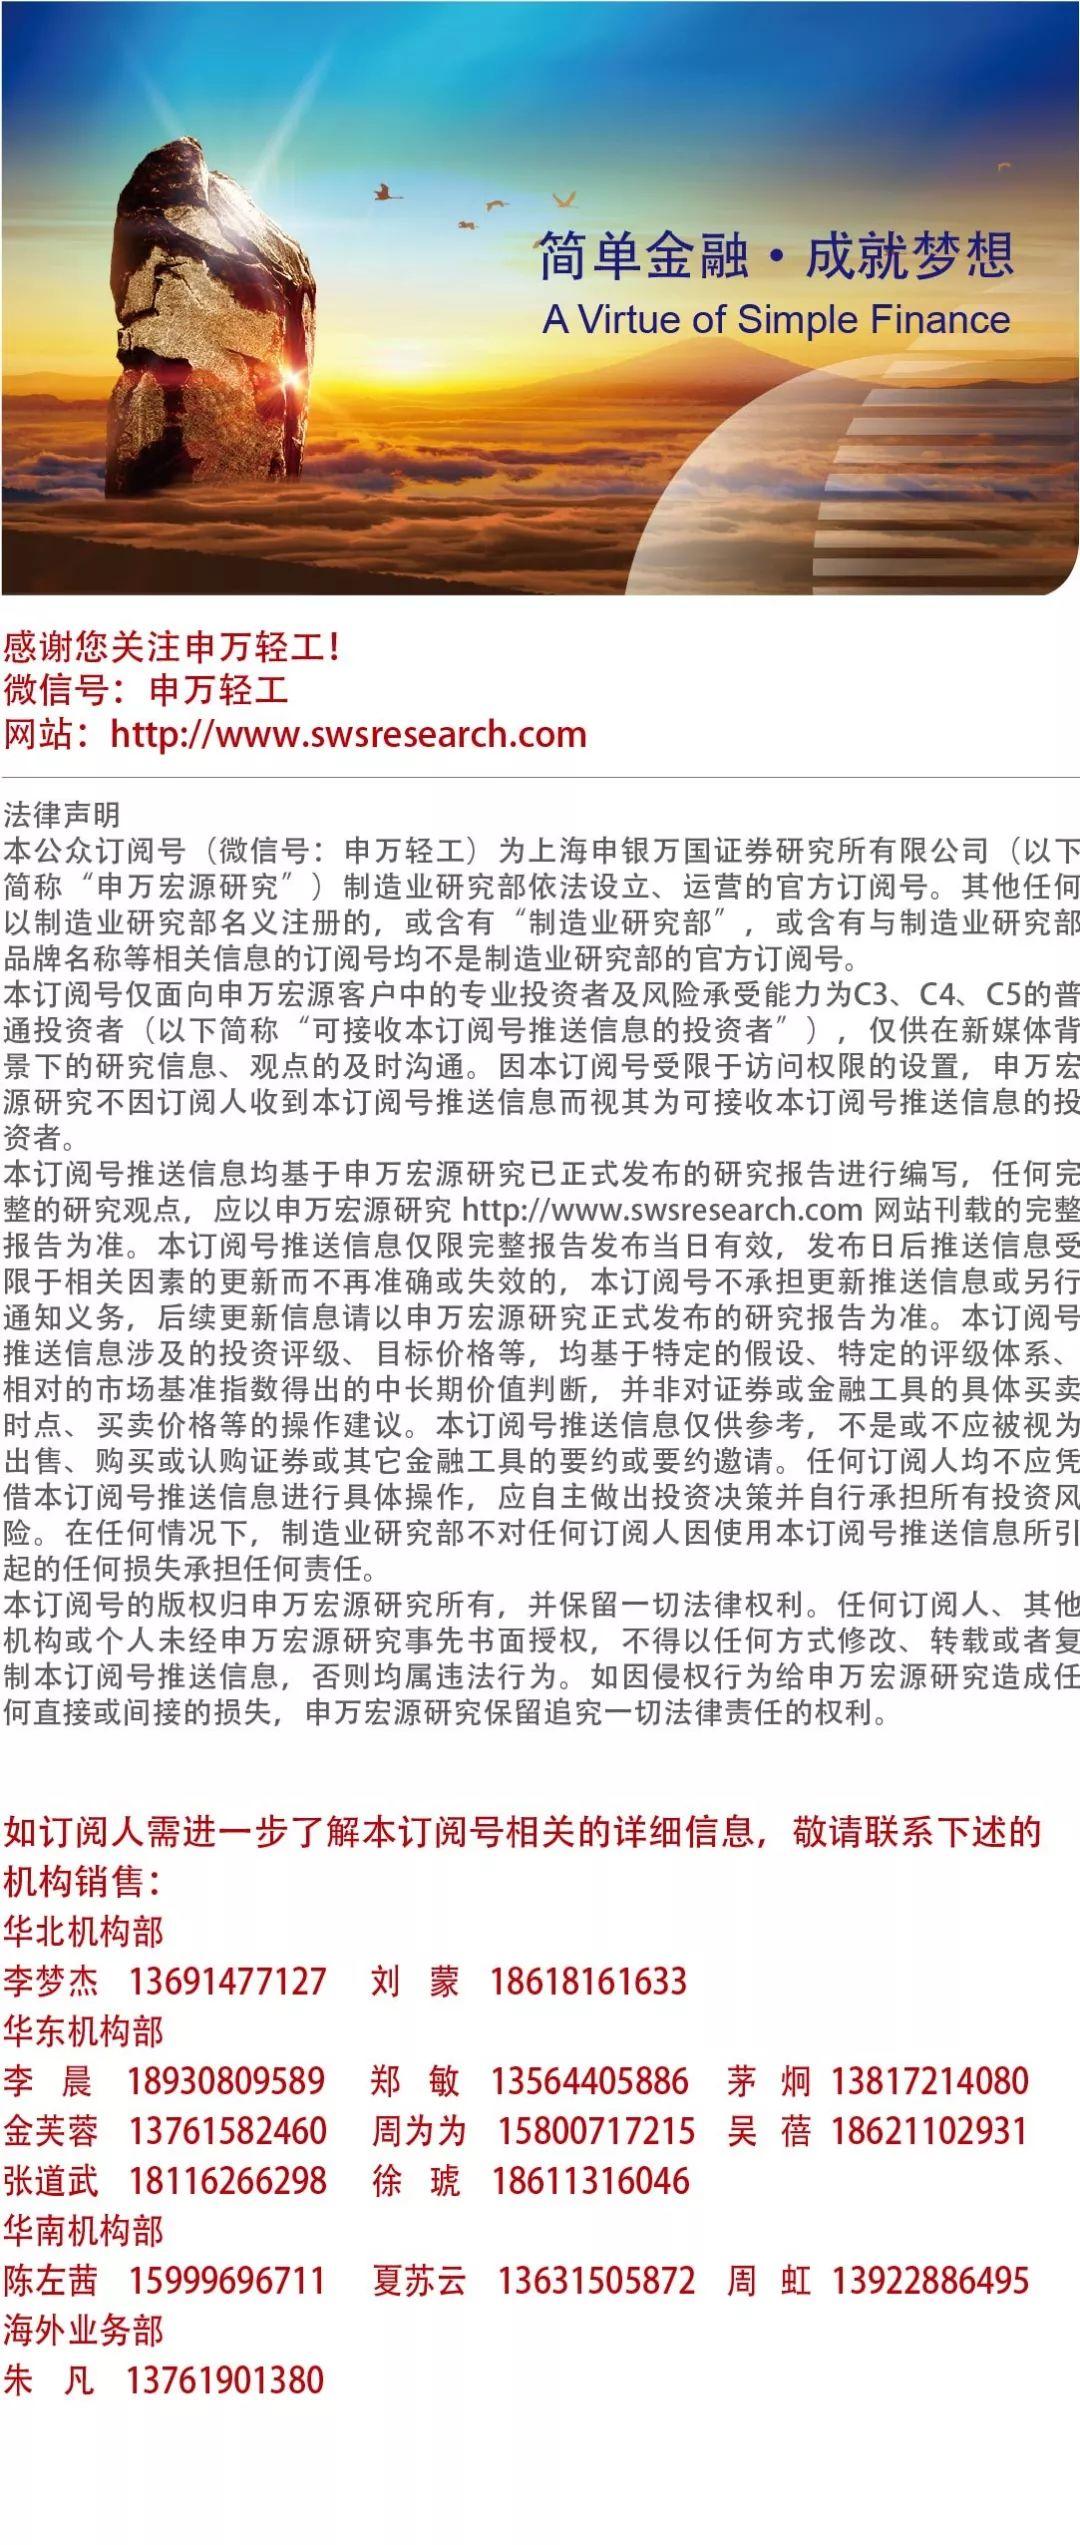 【申万宏源轻工】尚品宅配(300616)点评——2019年业绩预告符合预期,利润延续稳健增长